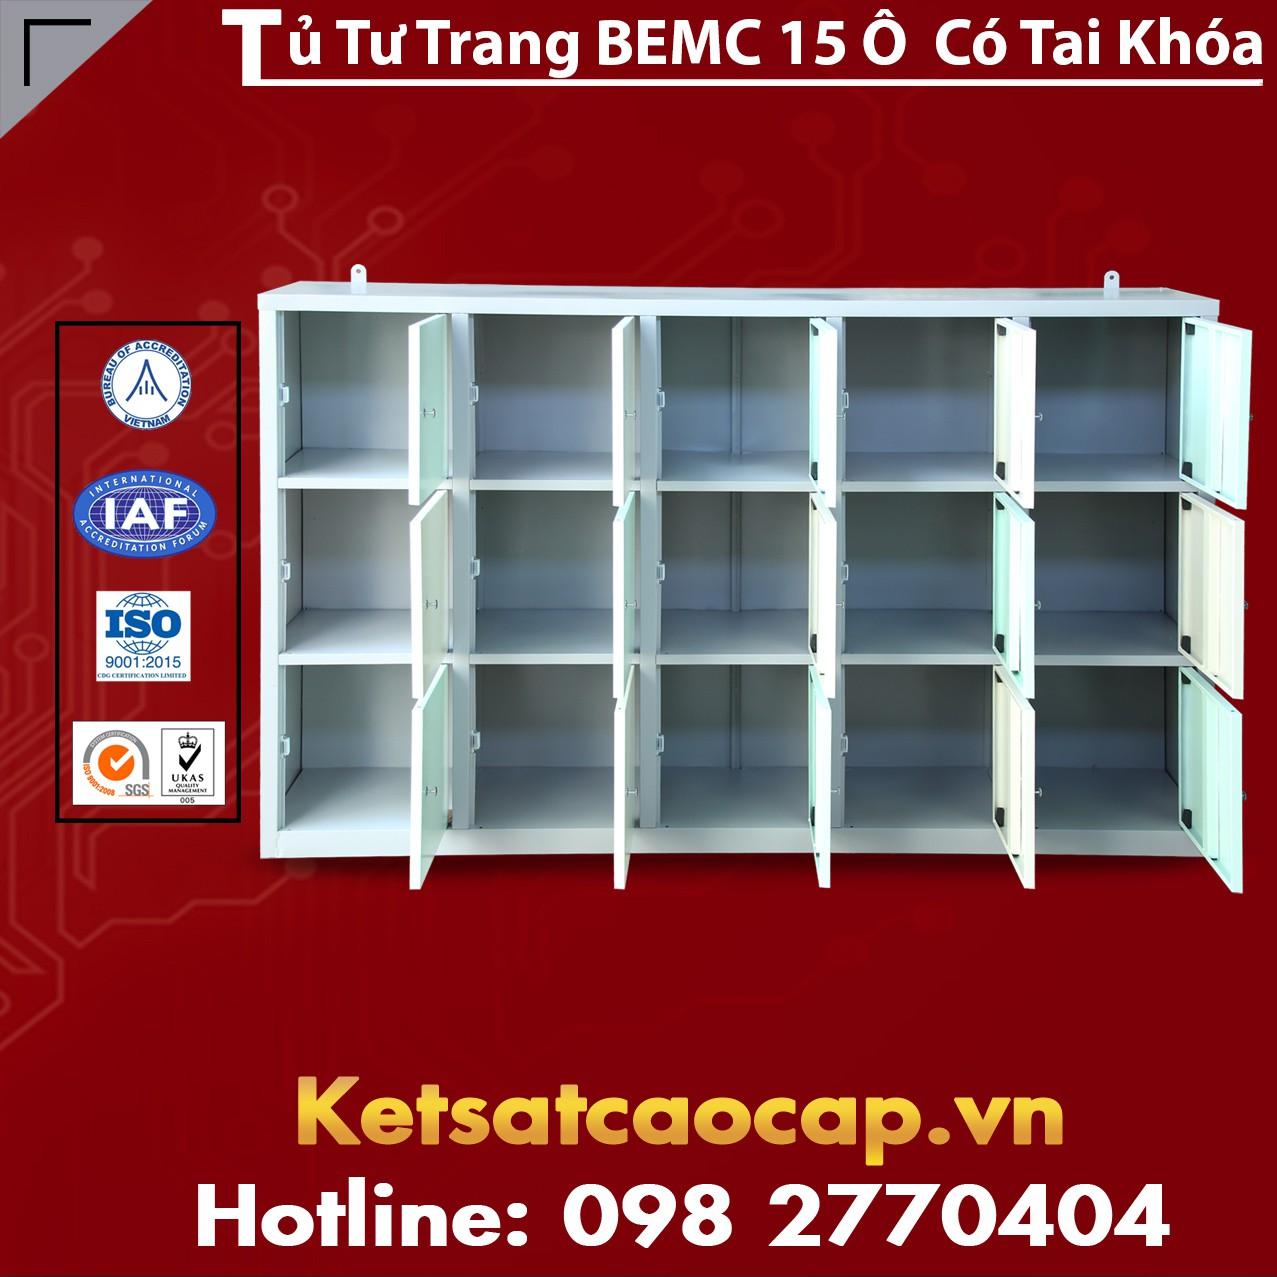 Tủ Tư Trang BEMC 15 Ô Có Tai Khoá